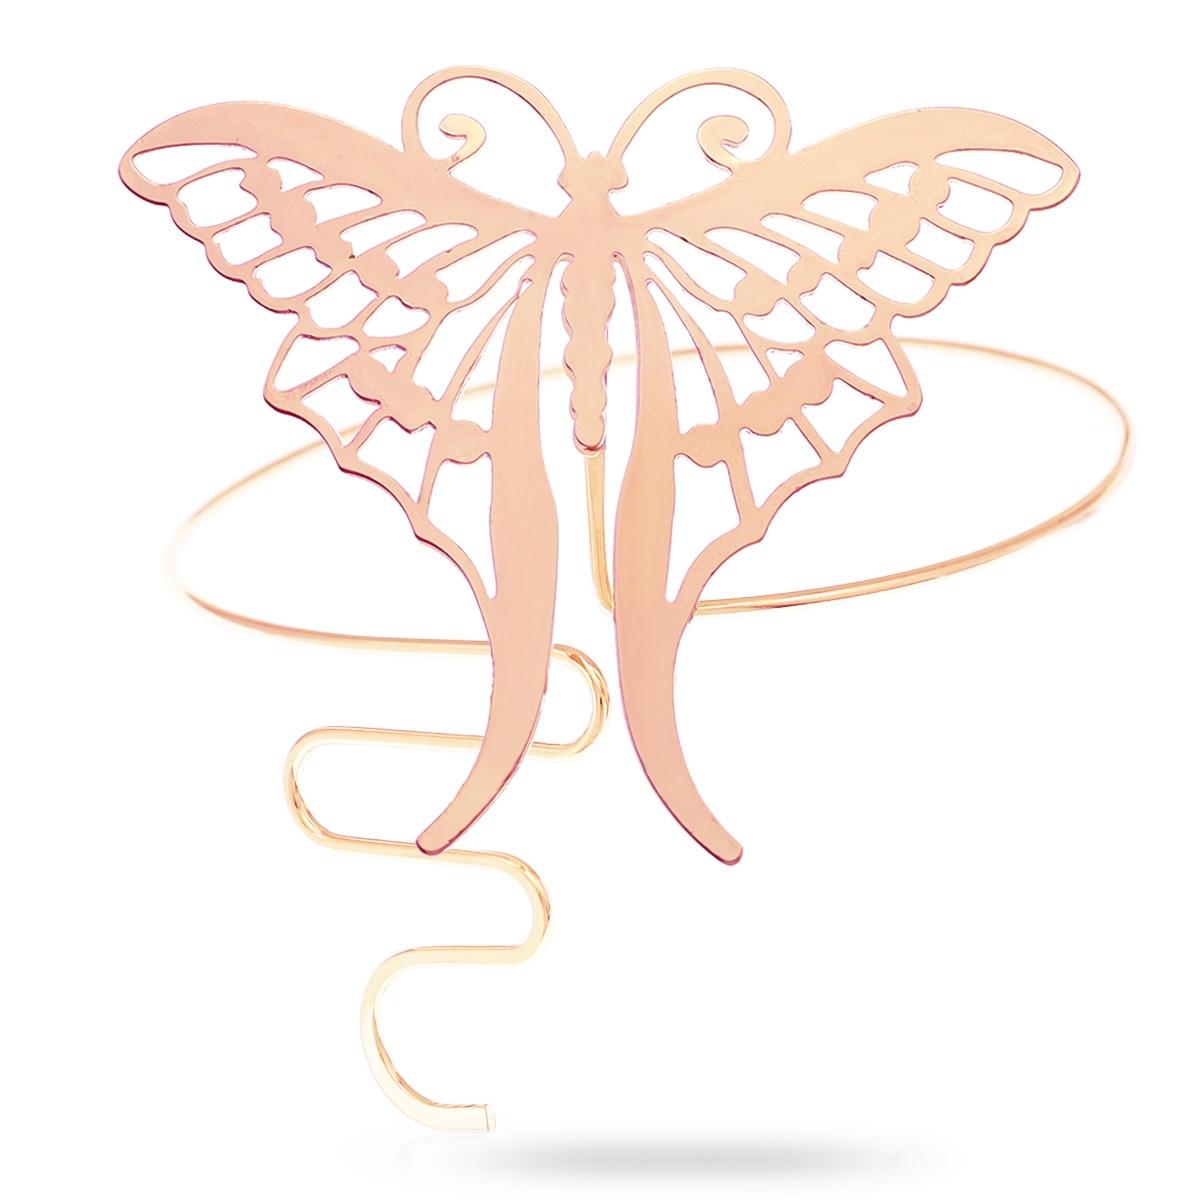 H7e829e0493384e499a6f096346a75b646 Prata banhado a ouro grego folha de louro pulseira braçadeira braço superior manguito armlet festival nupcial dança do ventre jóias